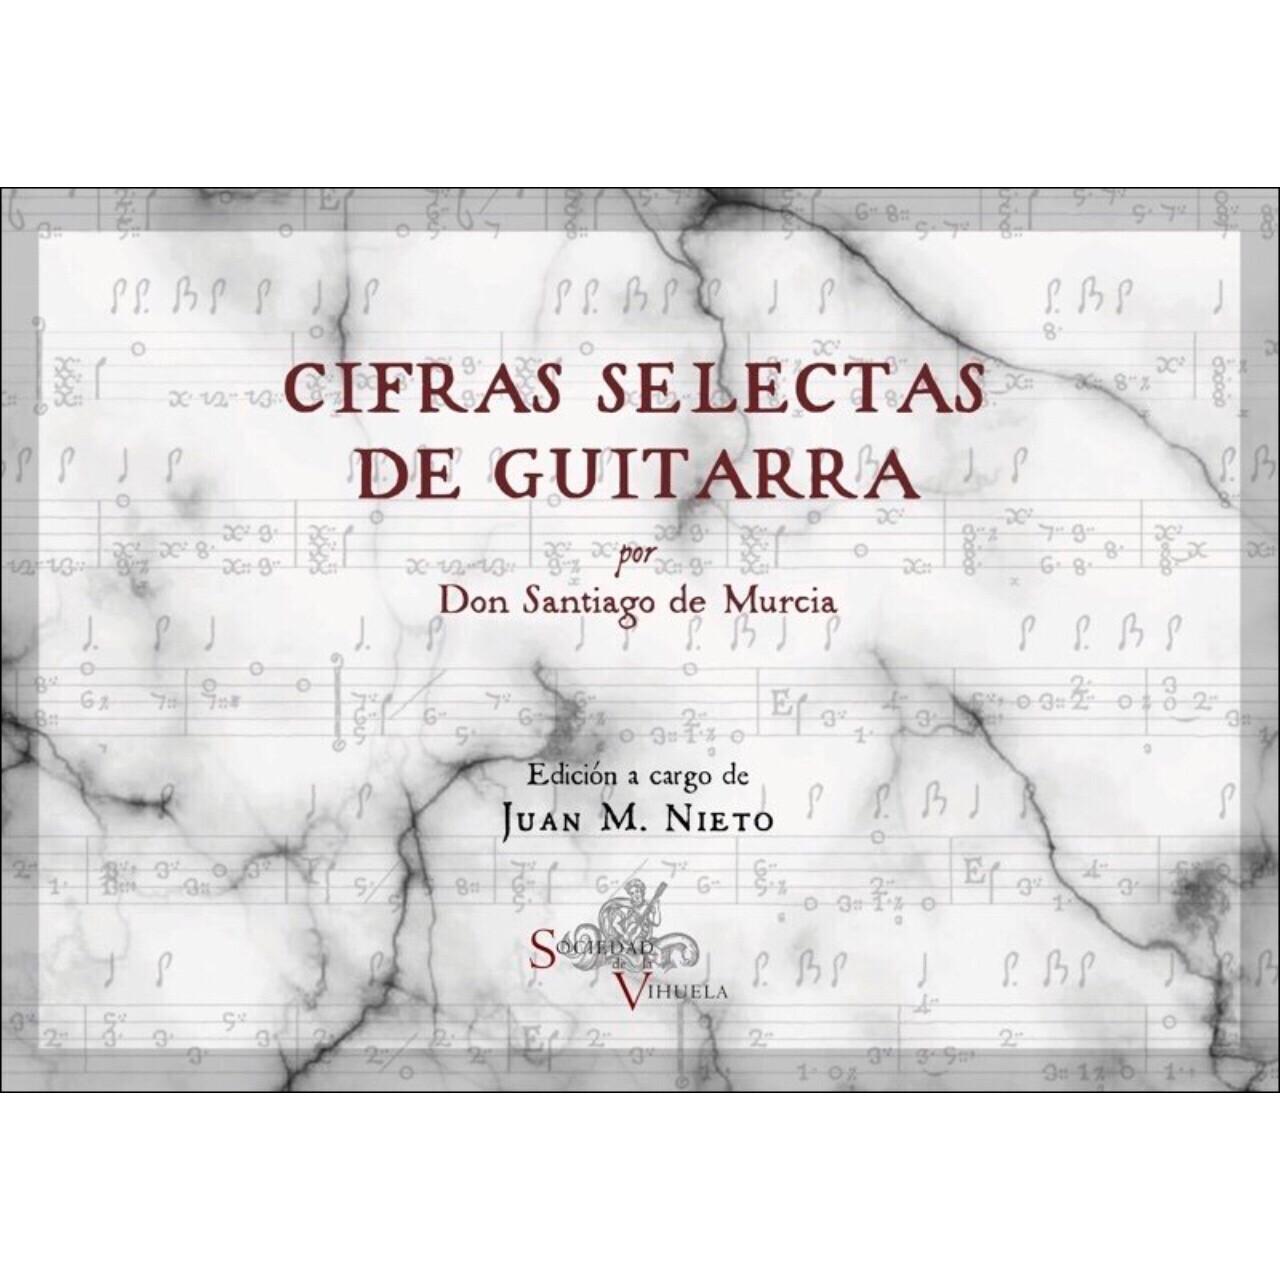 «Cifras selectas para guitarra», Santiago de Murcia 1722. Editor: Juan M. Nieto.